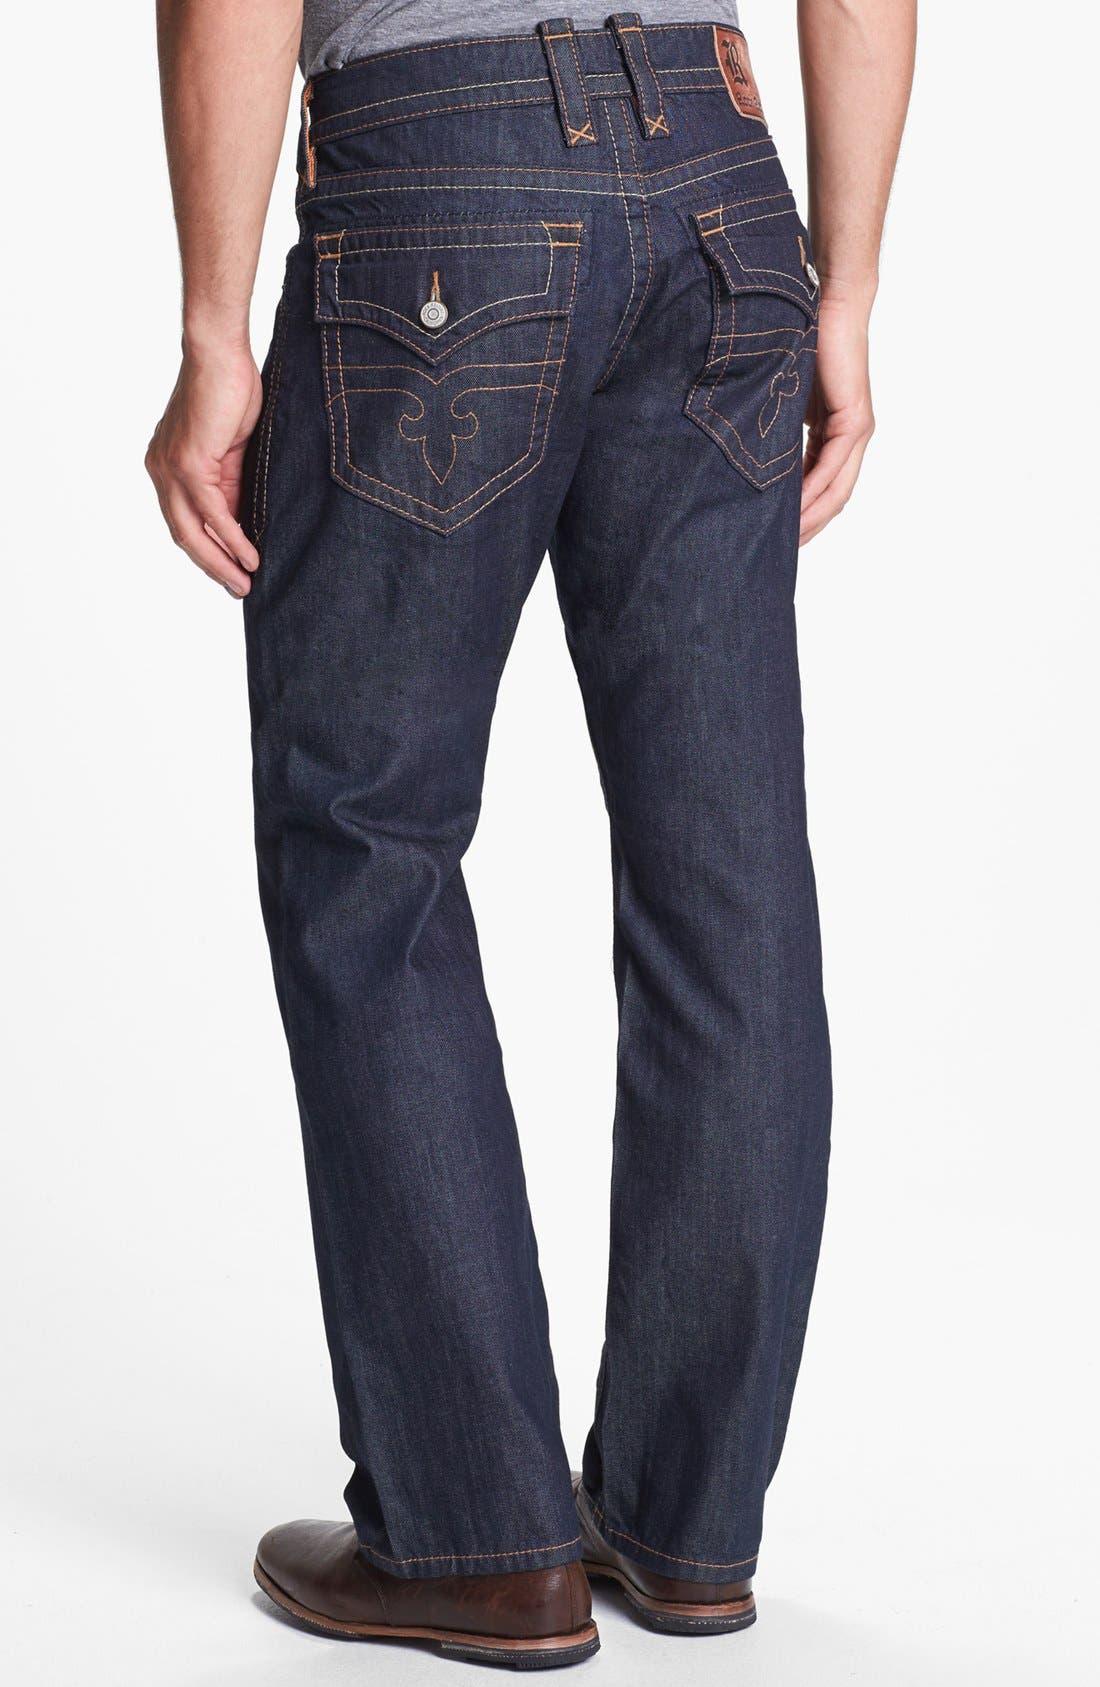 Alternate Image 1 Selected - Rock Revival 'Blane' Straight Leg Jeans